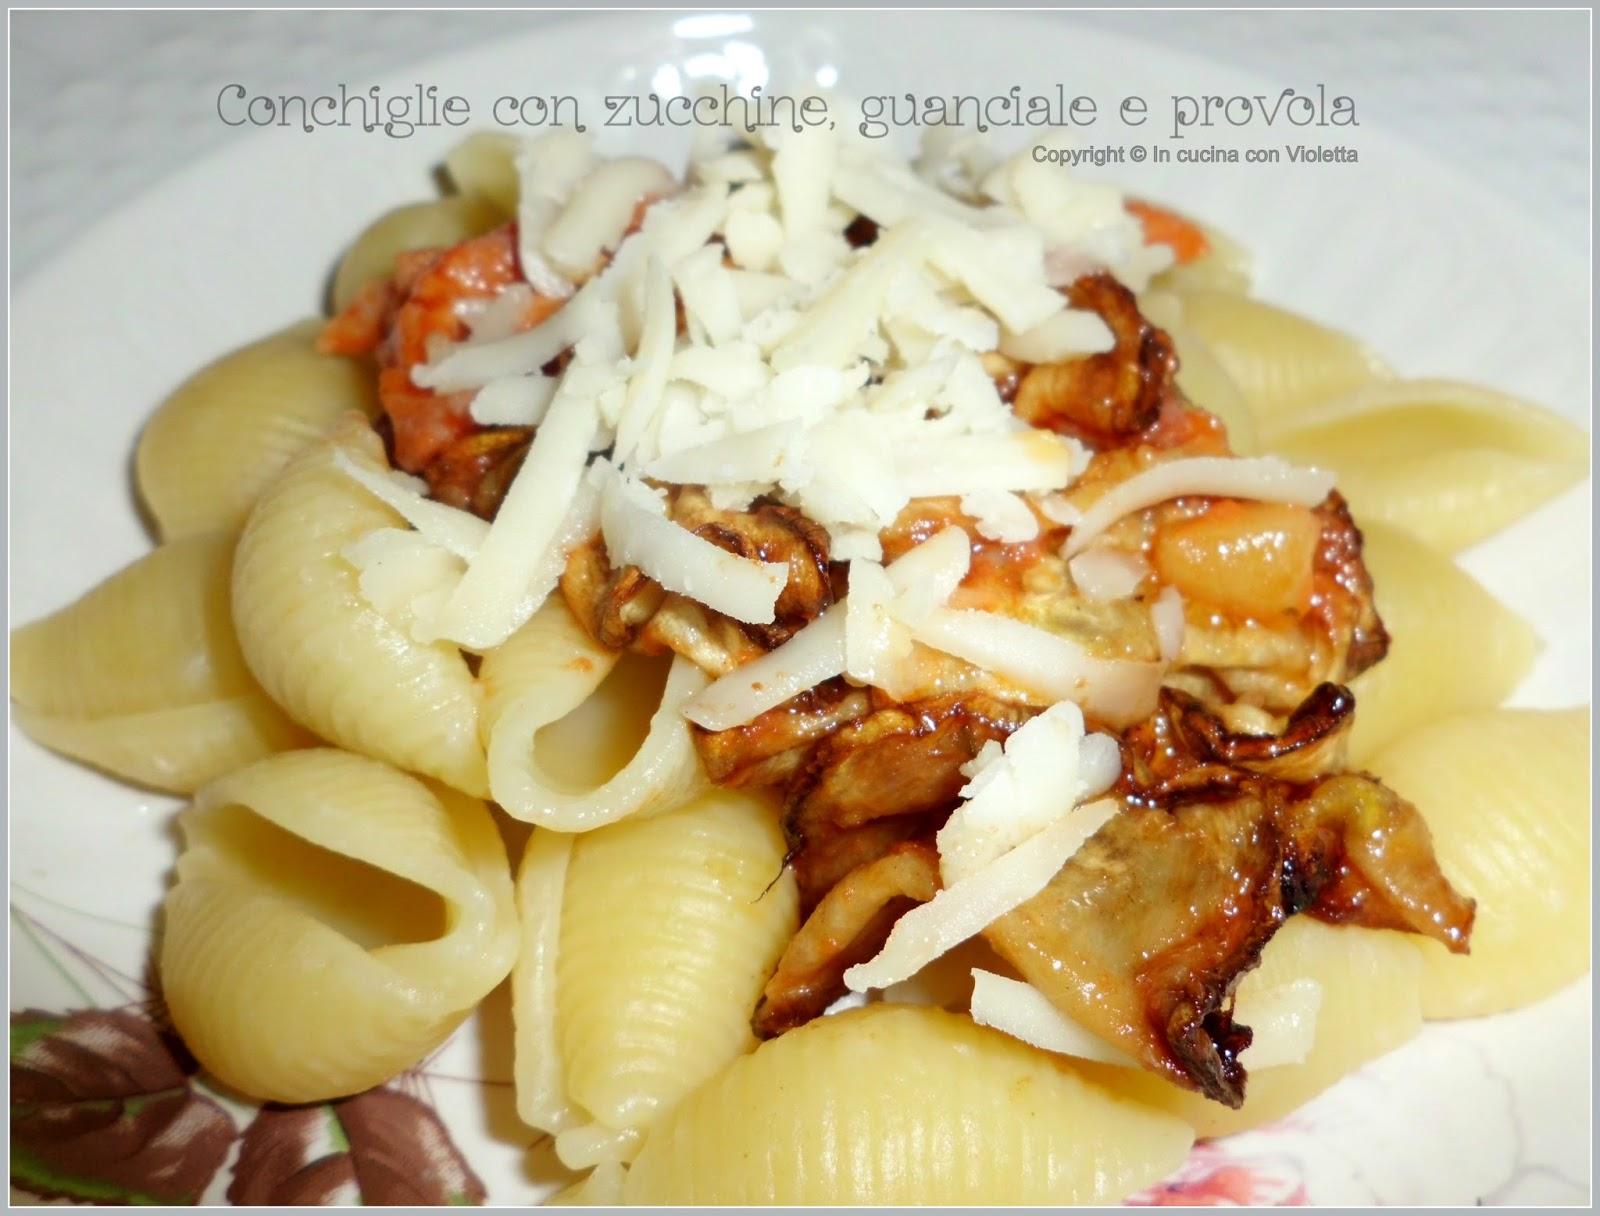 ... con zucchine, guanciale e provola Copyright © In cucina con Violetta